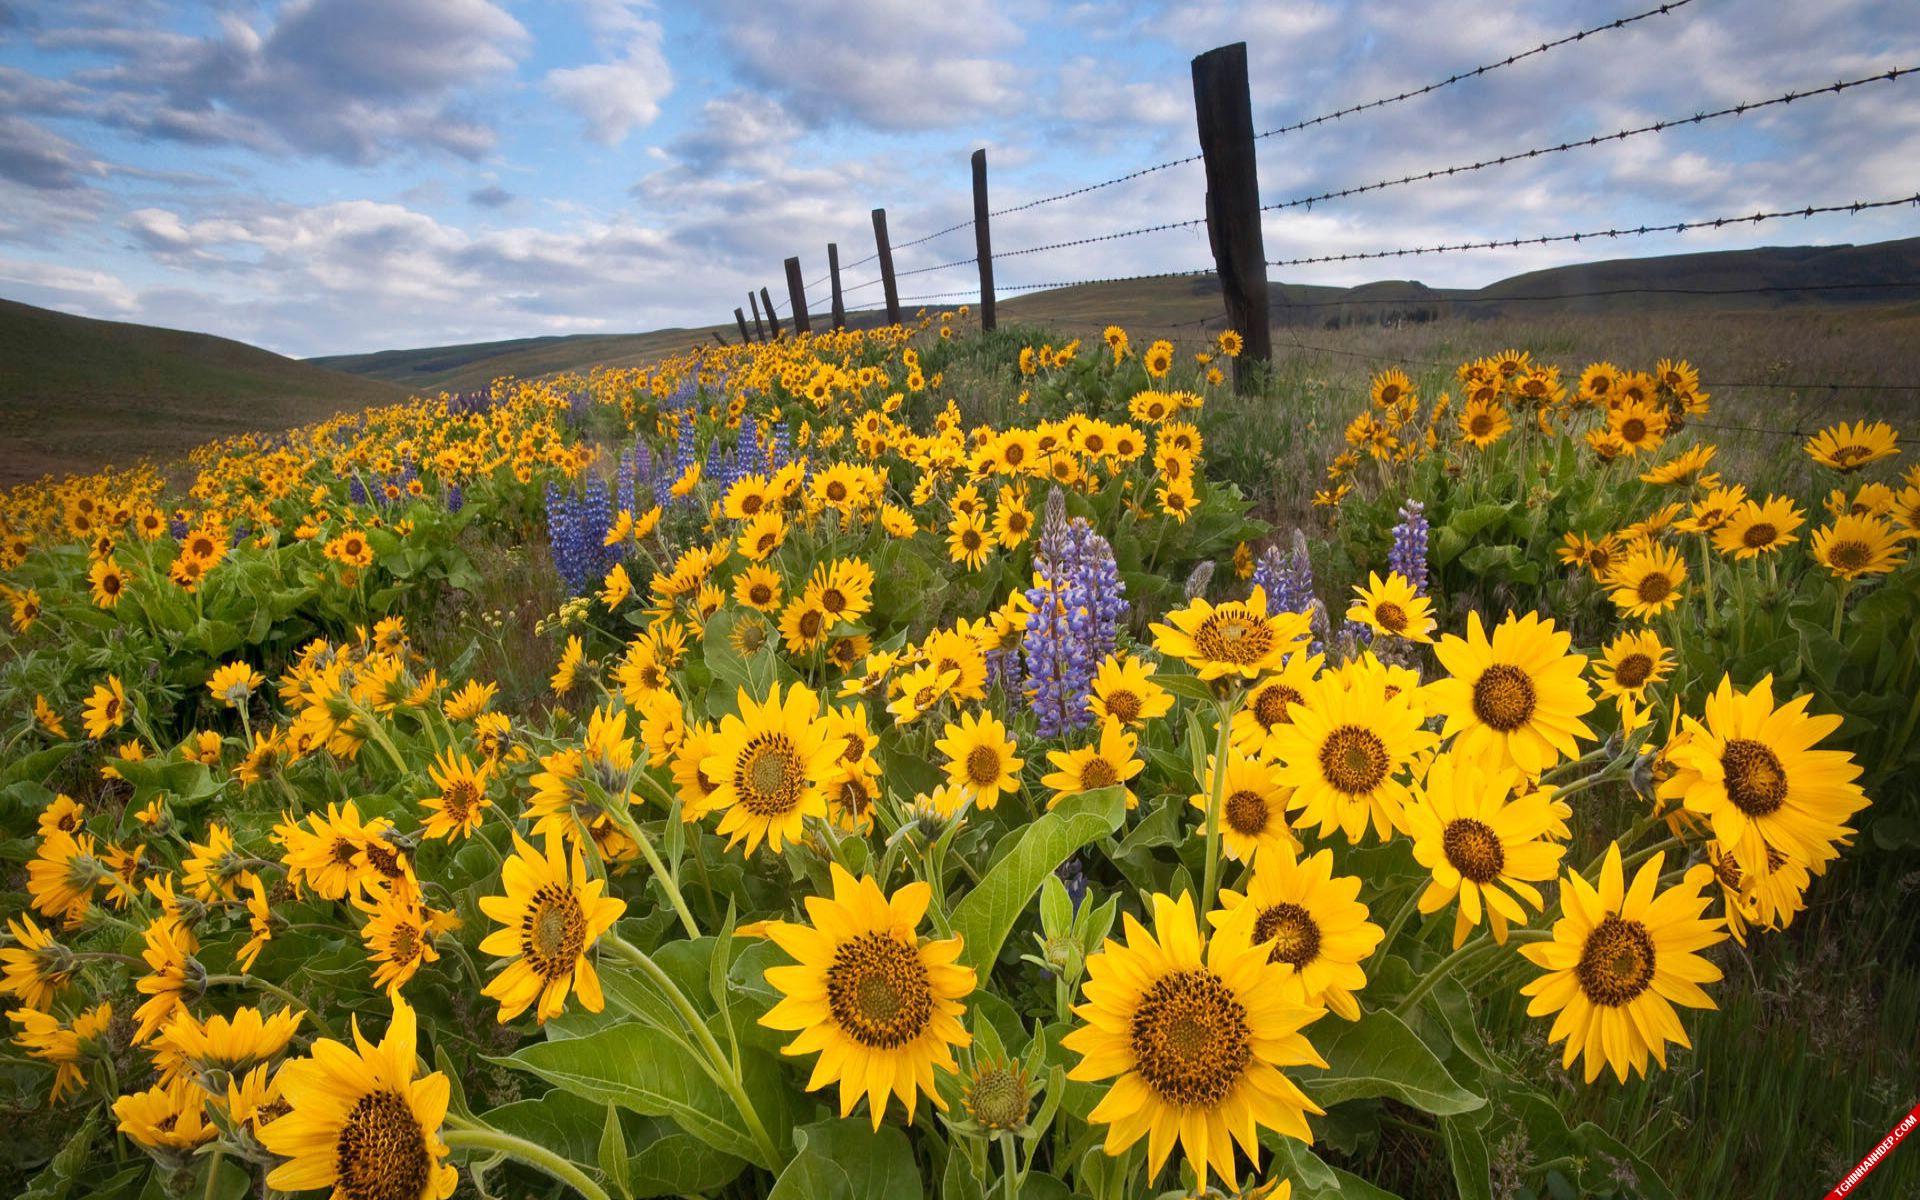 Vẻ đẹp rực rỡ của những cánh đồng hoa hướng dương